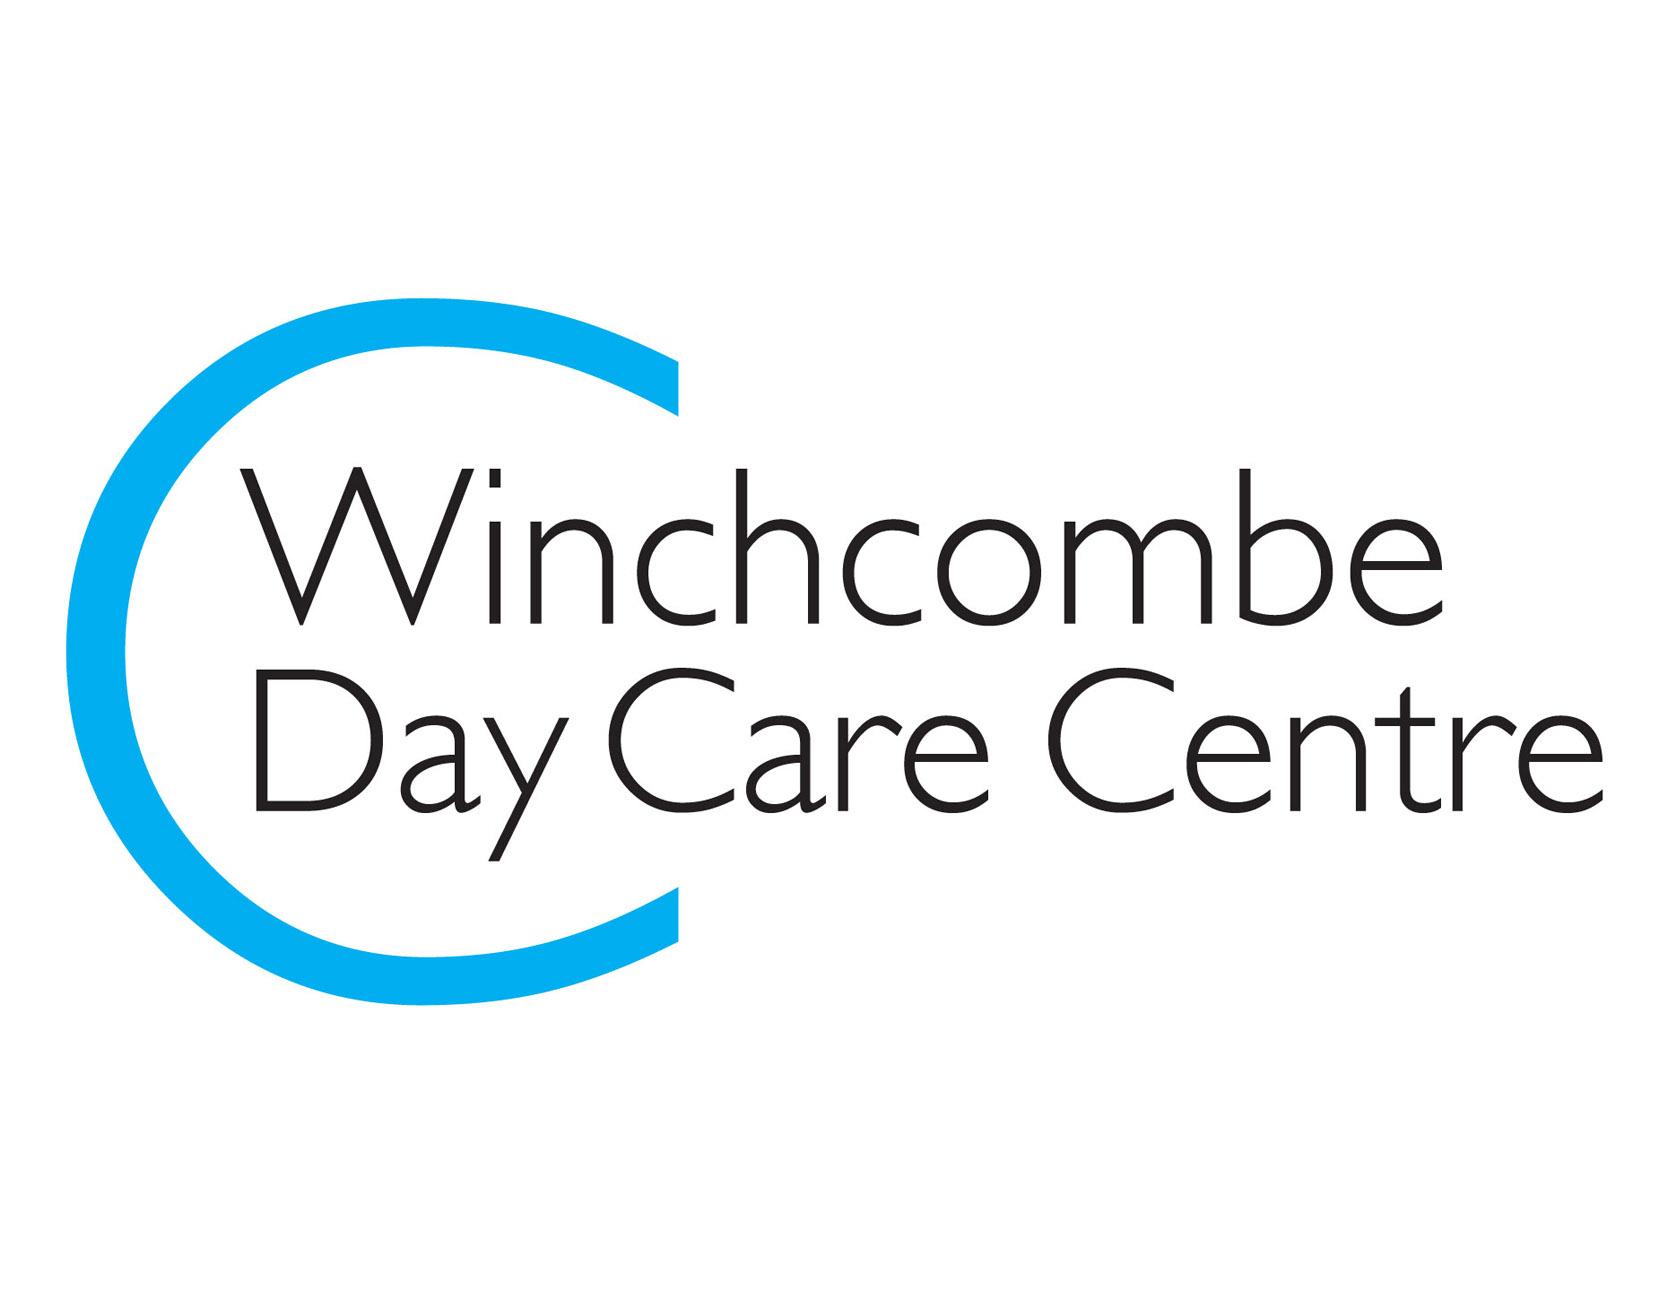 Winchcombe Day Care Centre Mud Run